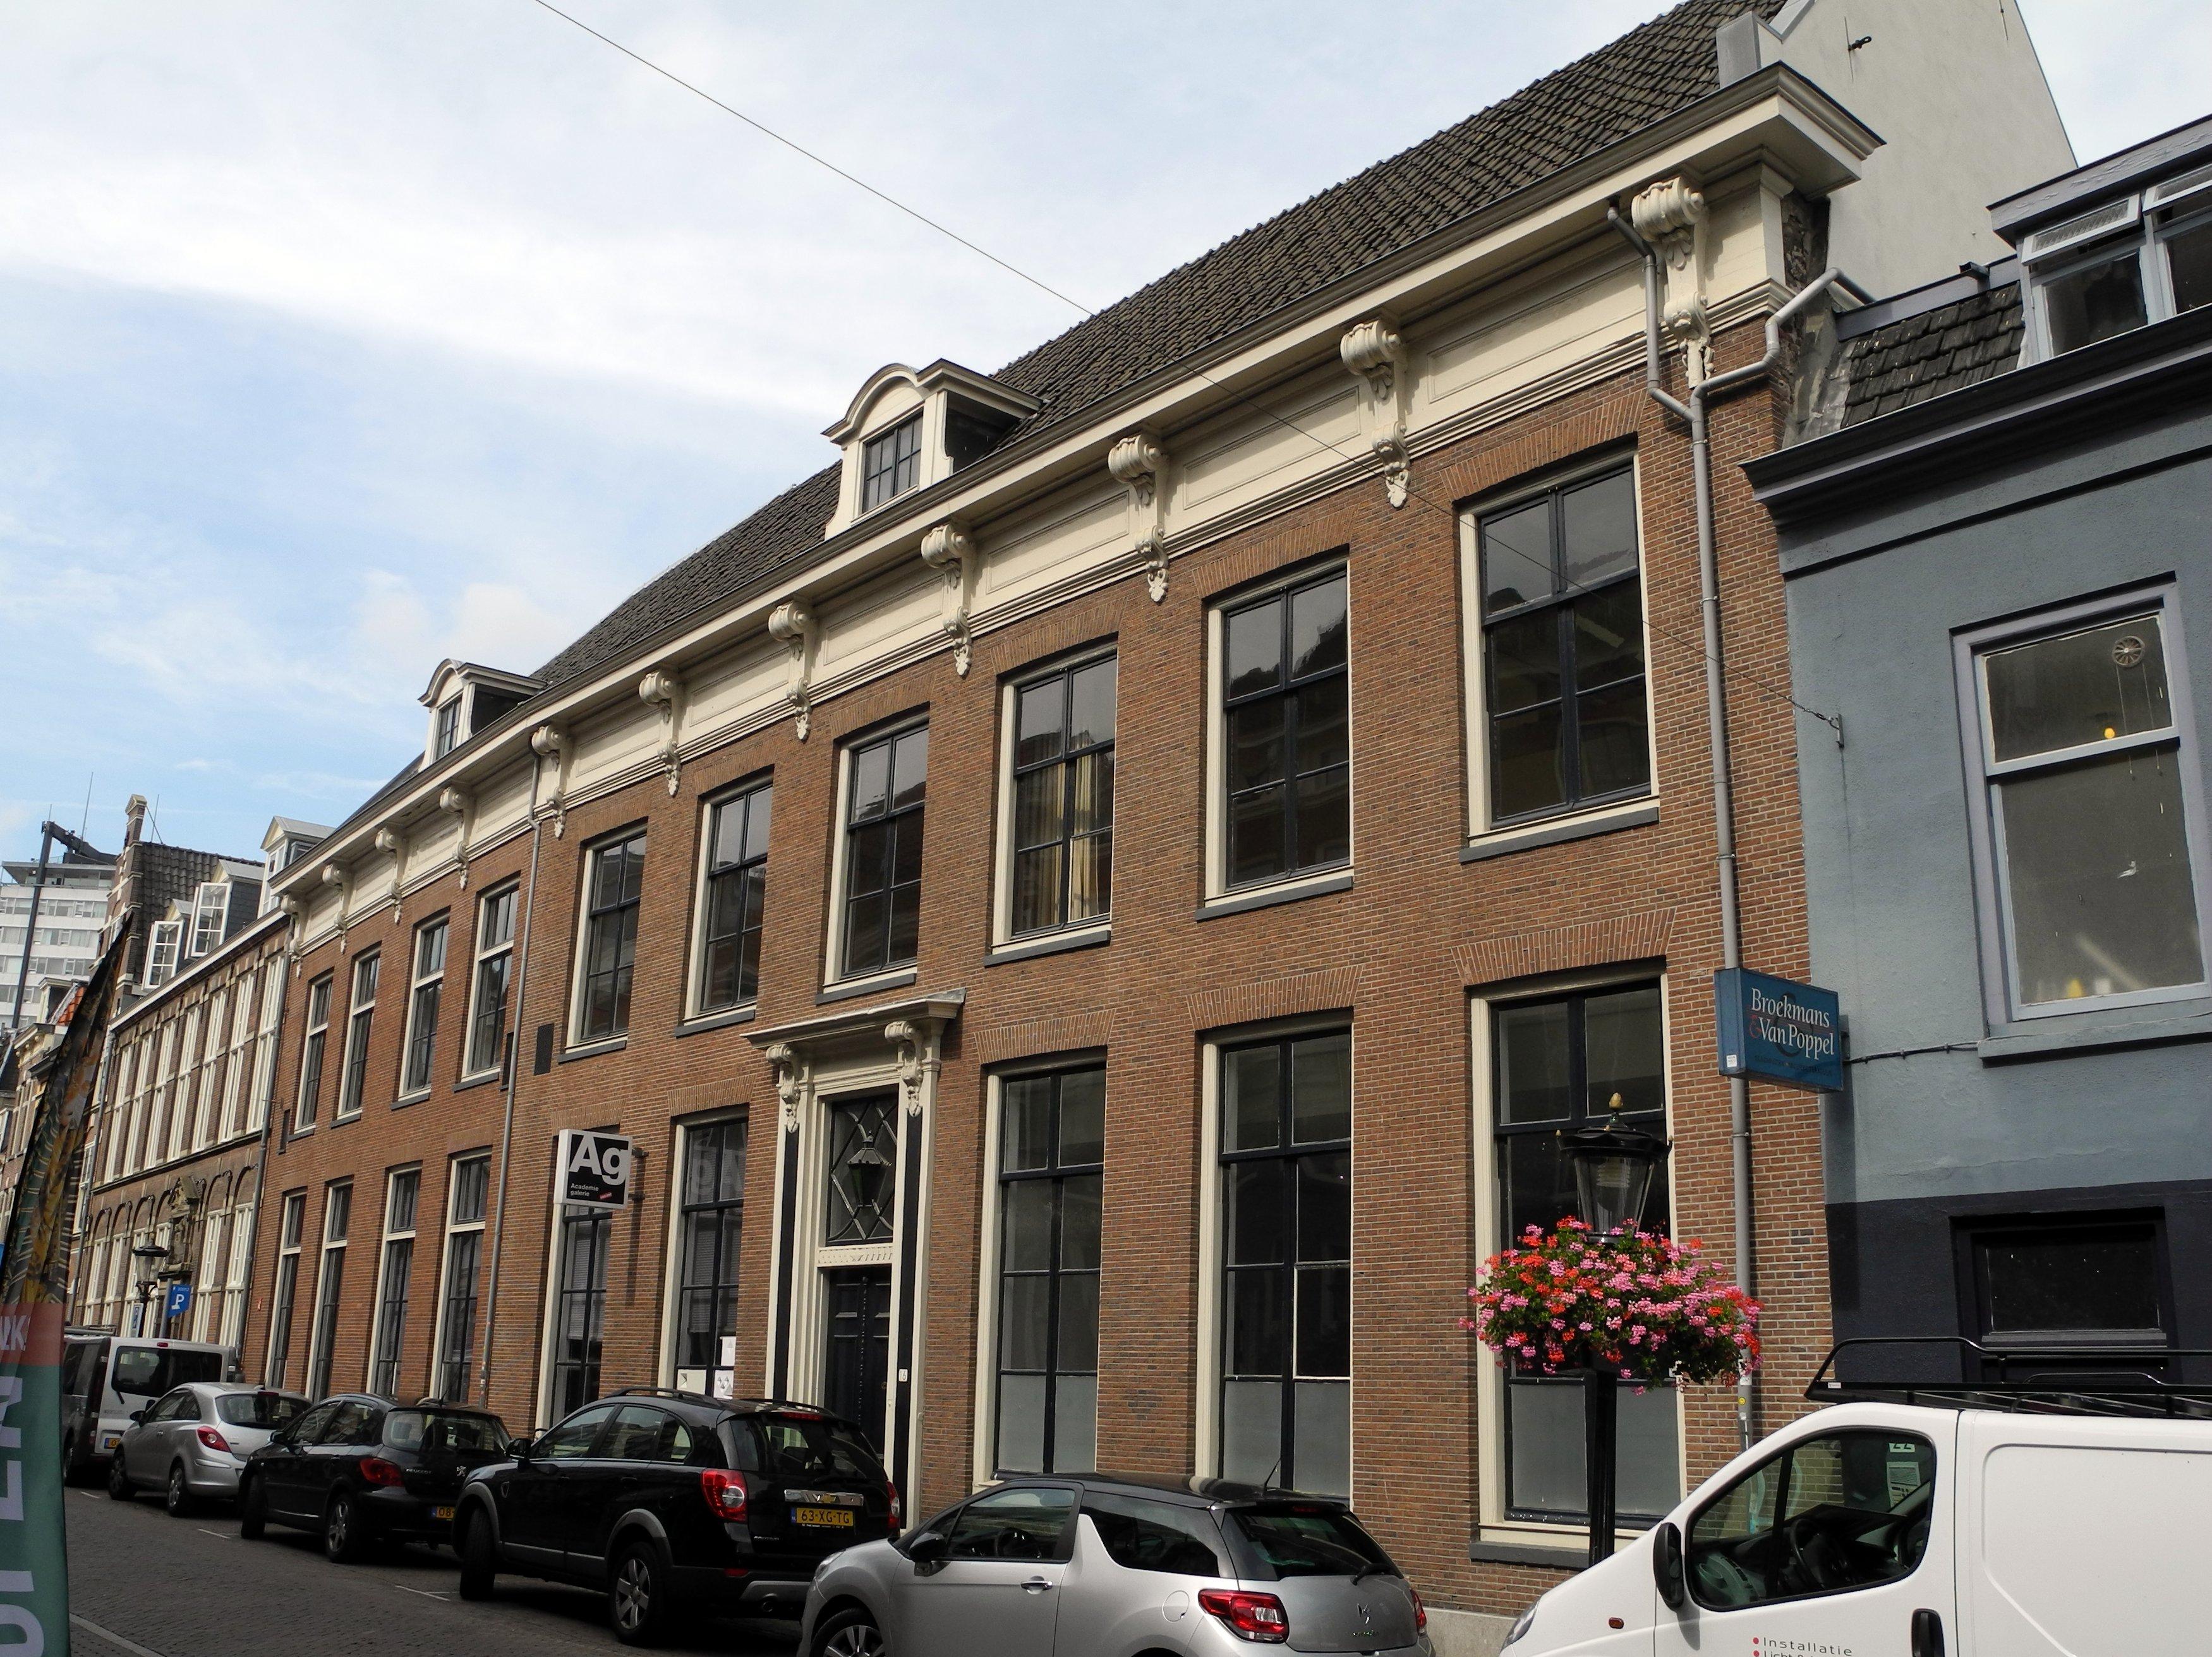 File:Minrebroederstraat.16.Utrecht.jpg